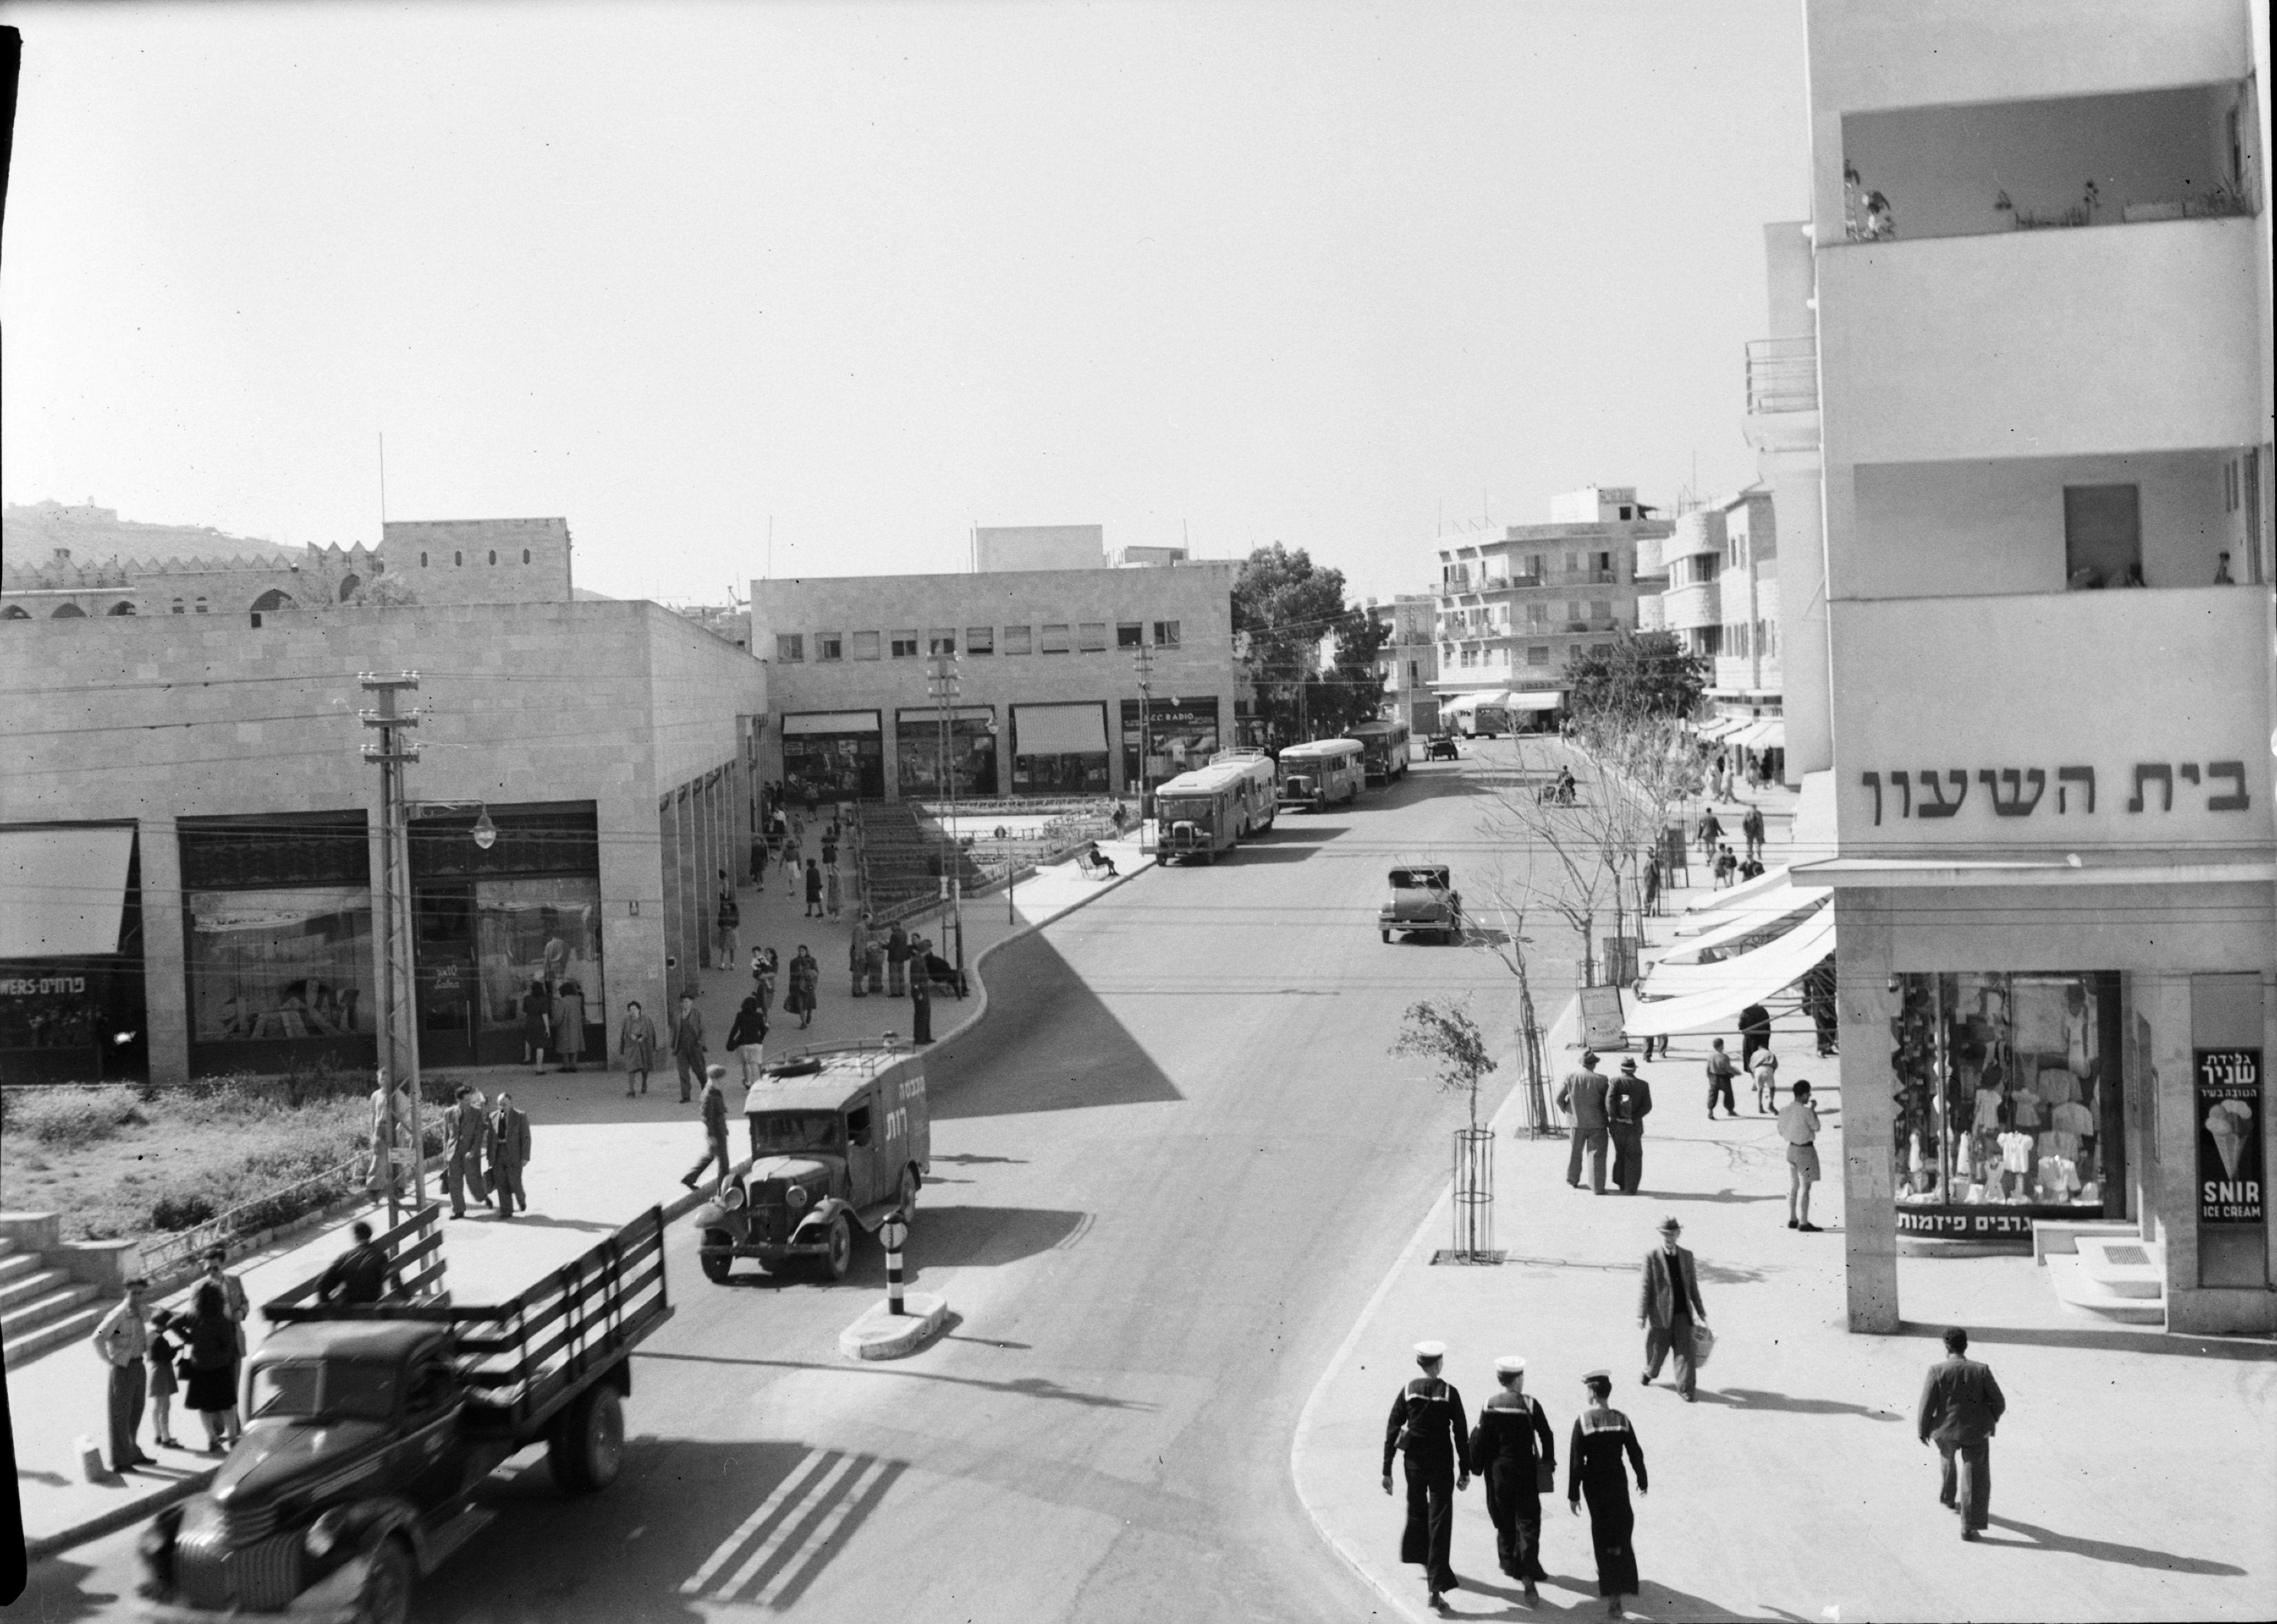 Улица Герцля с нового торгового центра на углу Герцля и Бальфур